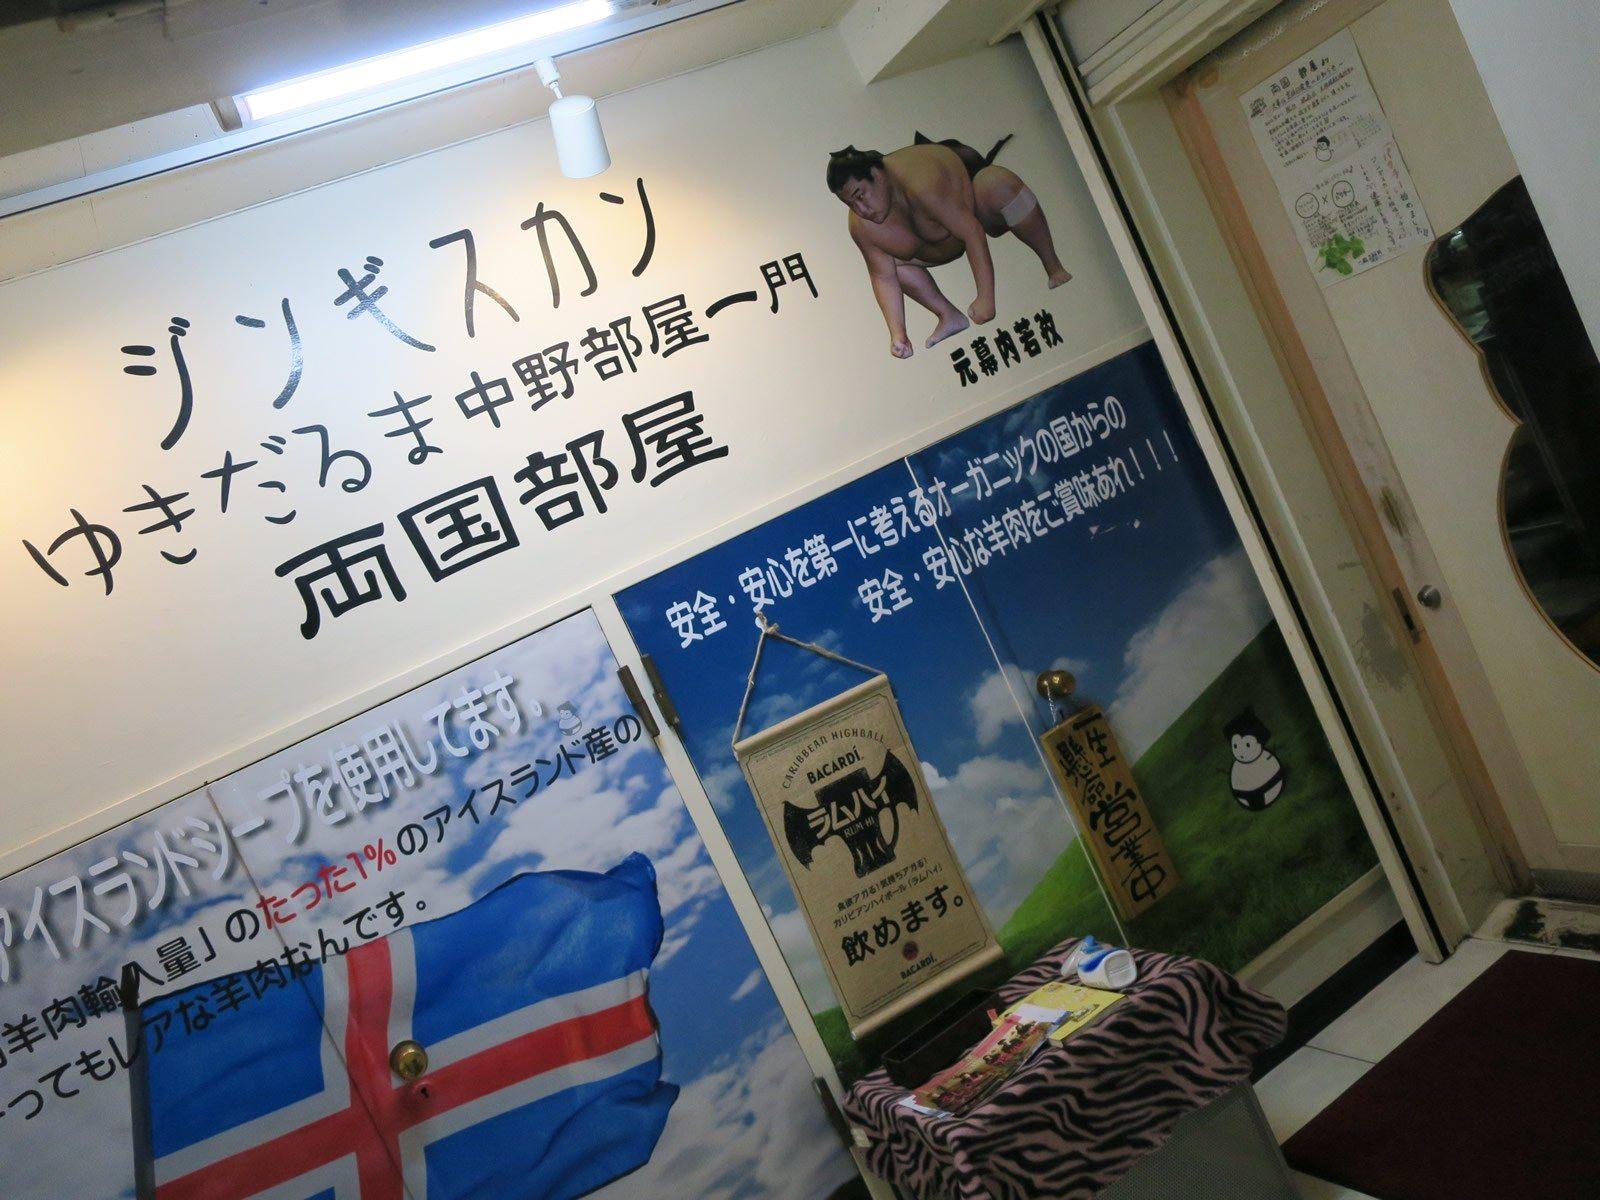 「ゆきだるま」(Yukidaruma ) 店内